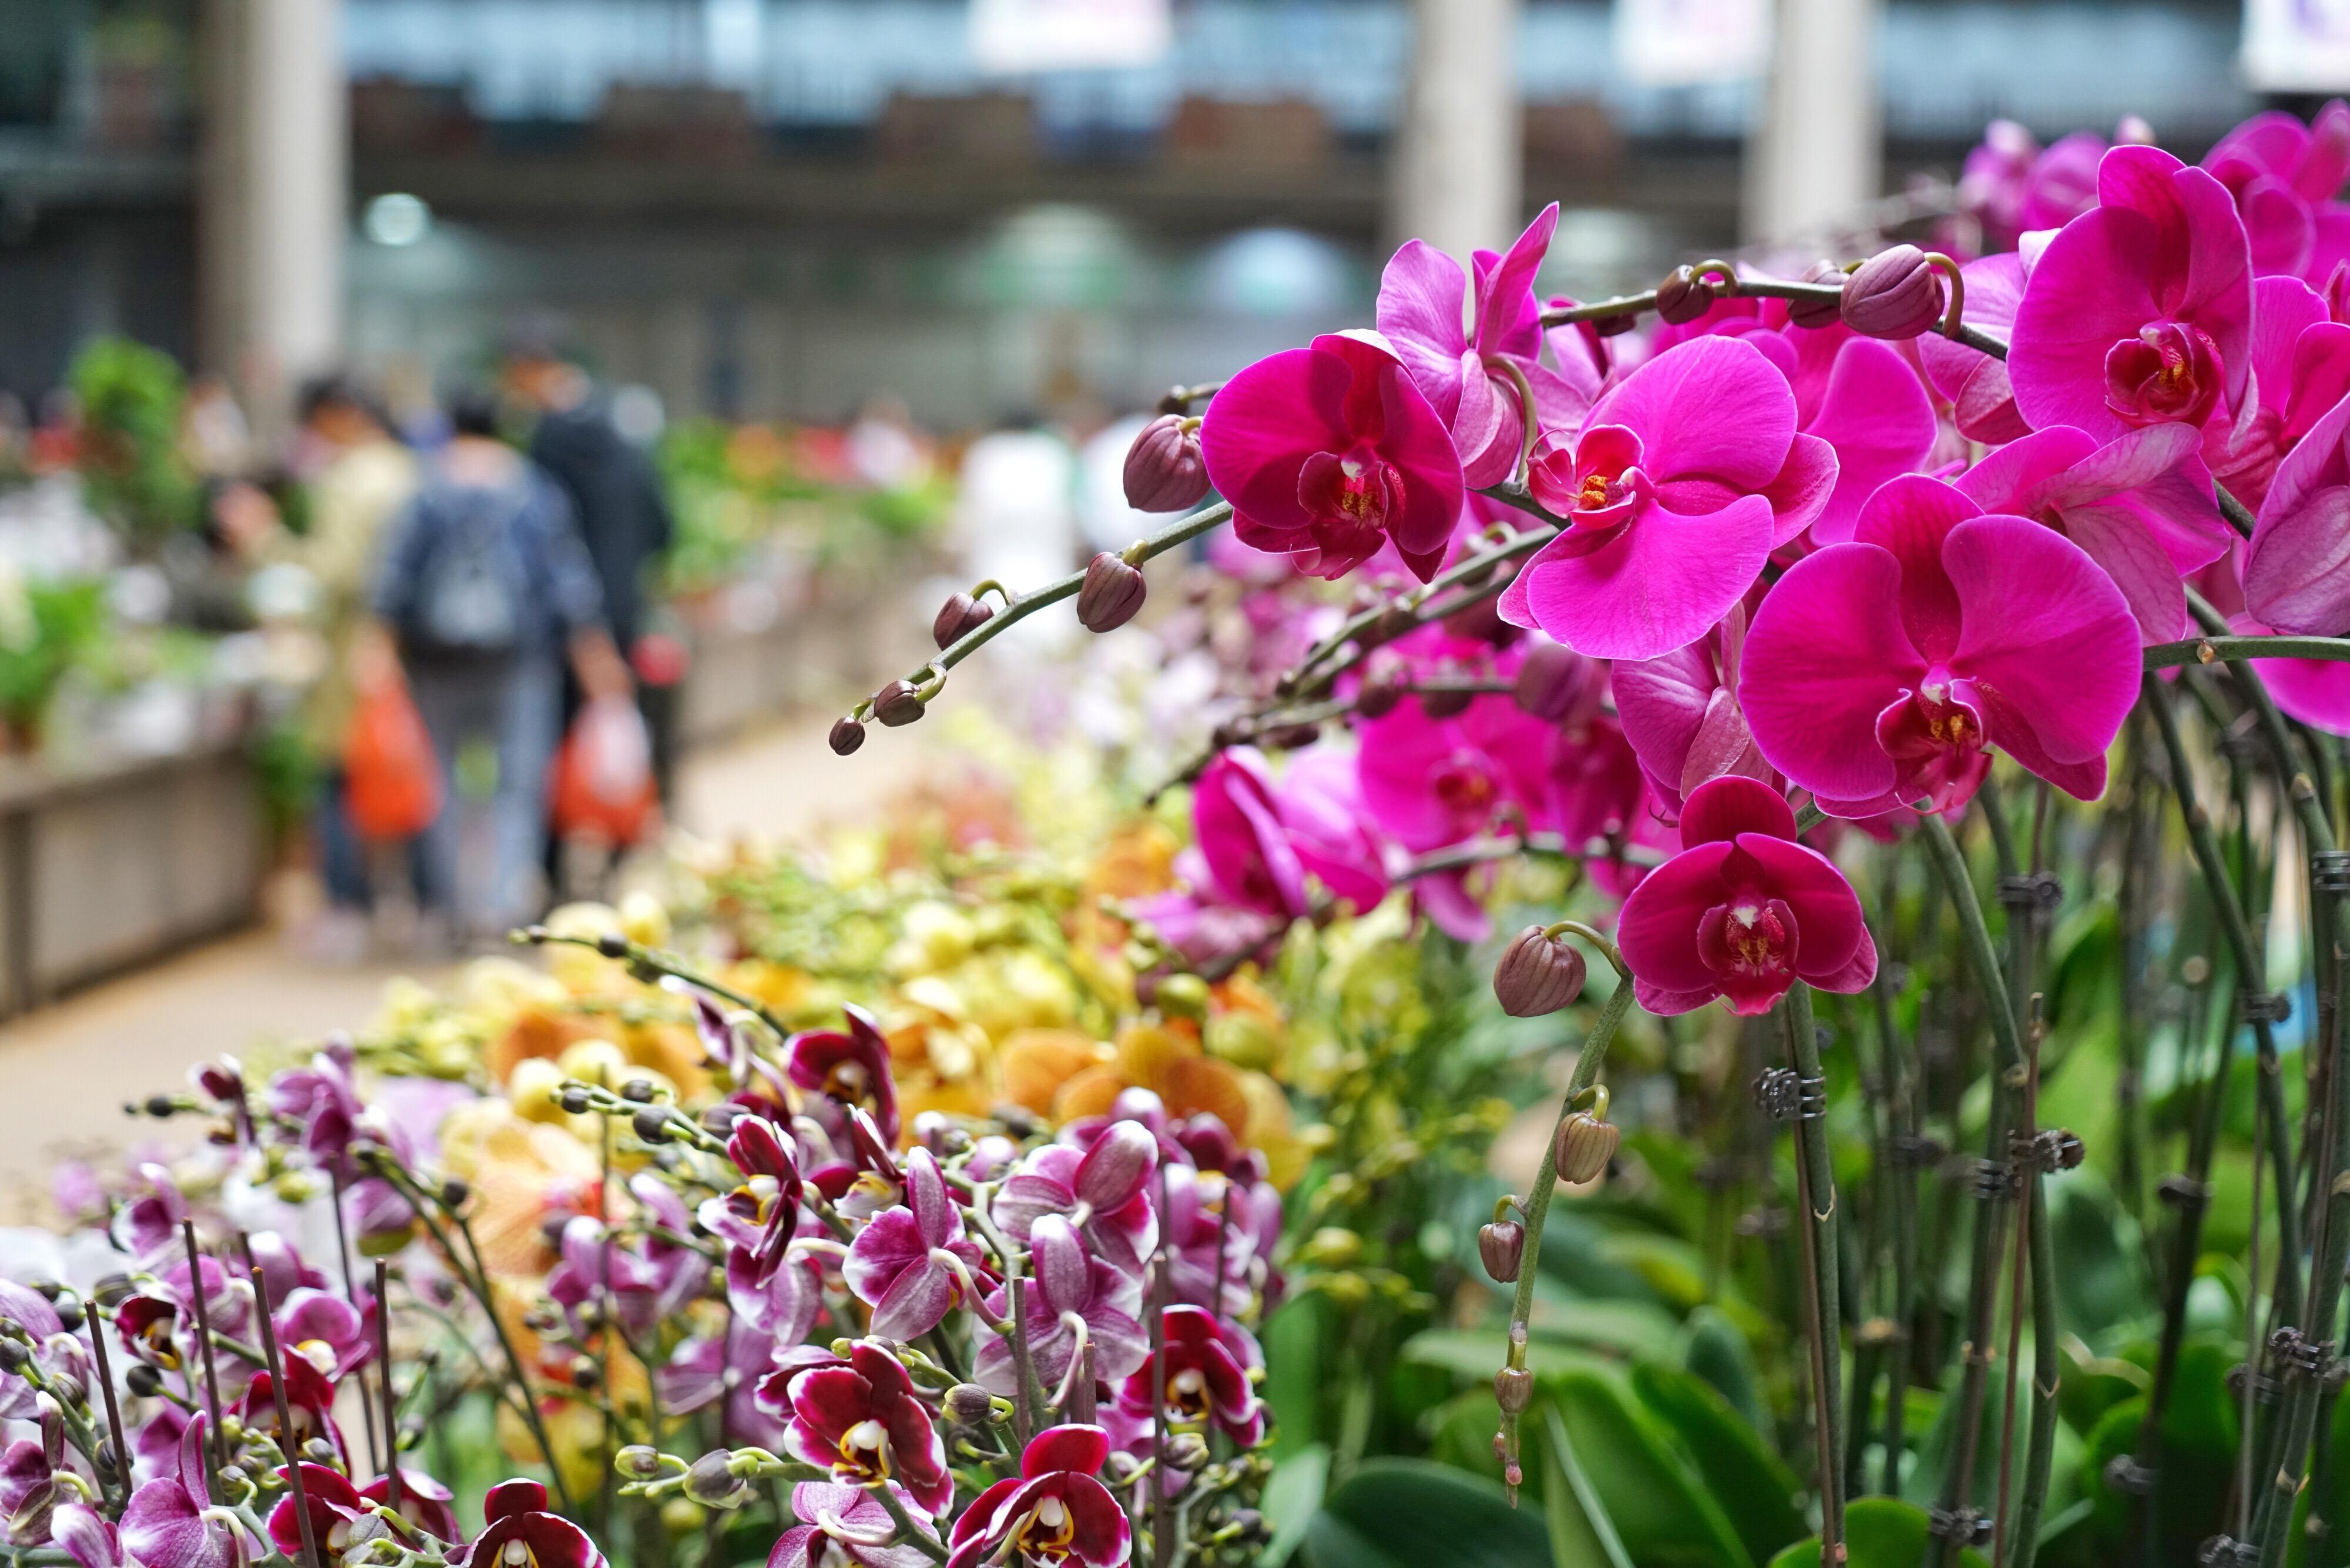 云南丽江玉龙雪山冰川公园,冰川公园日游客量限制在1万人